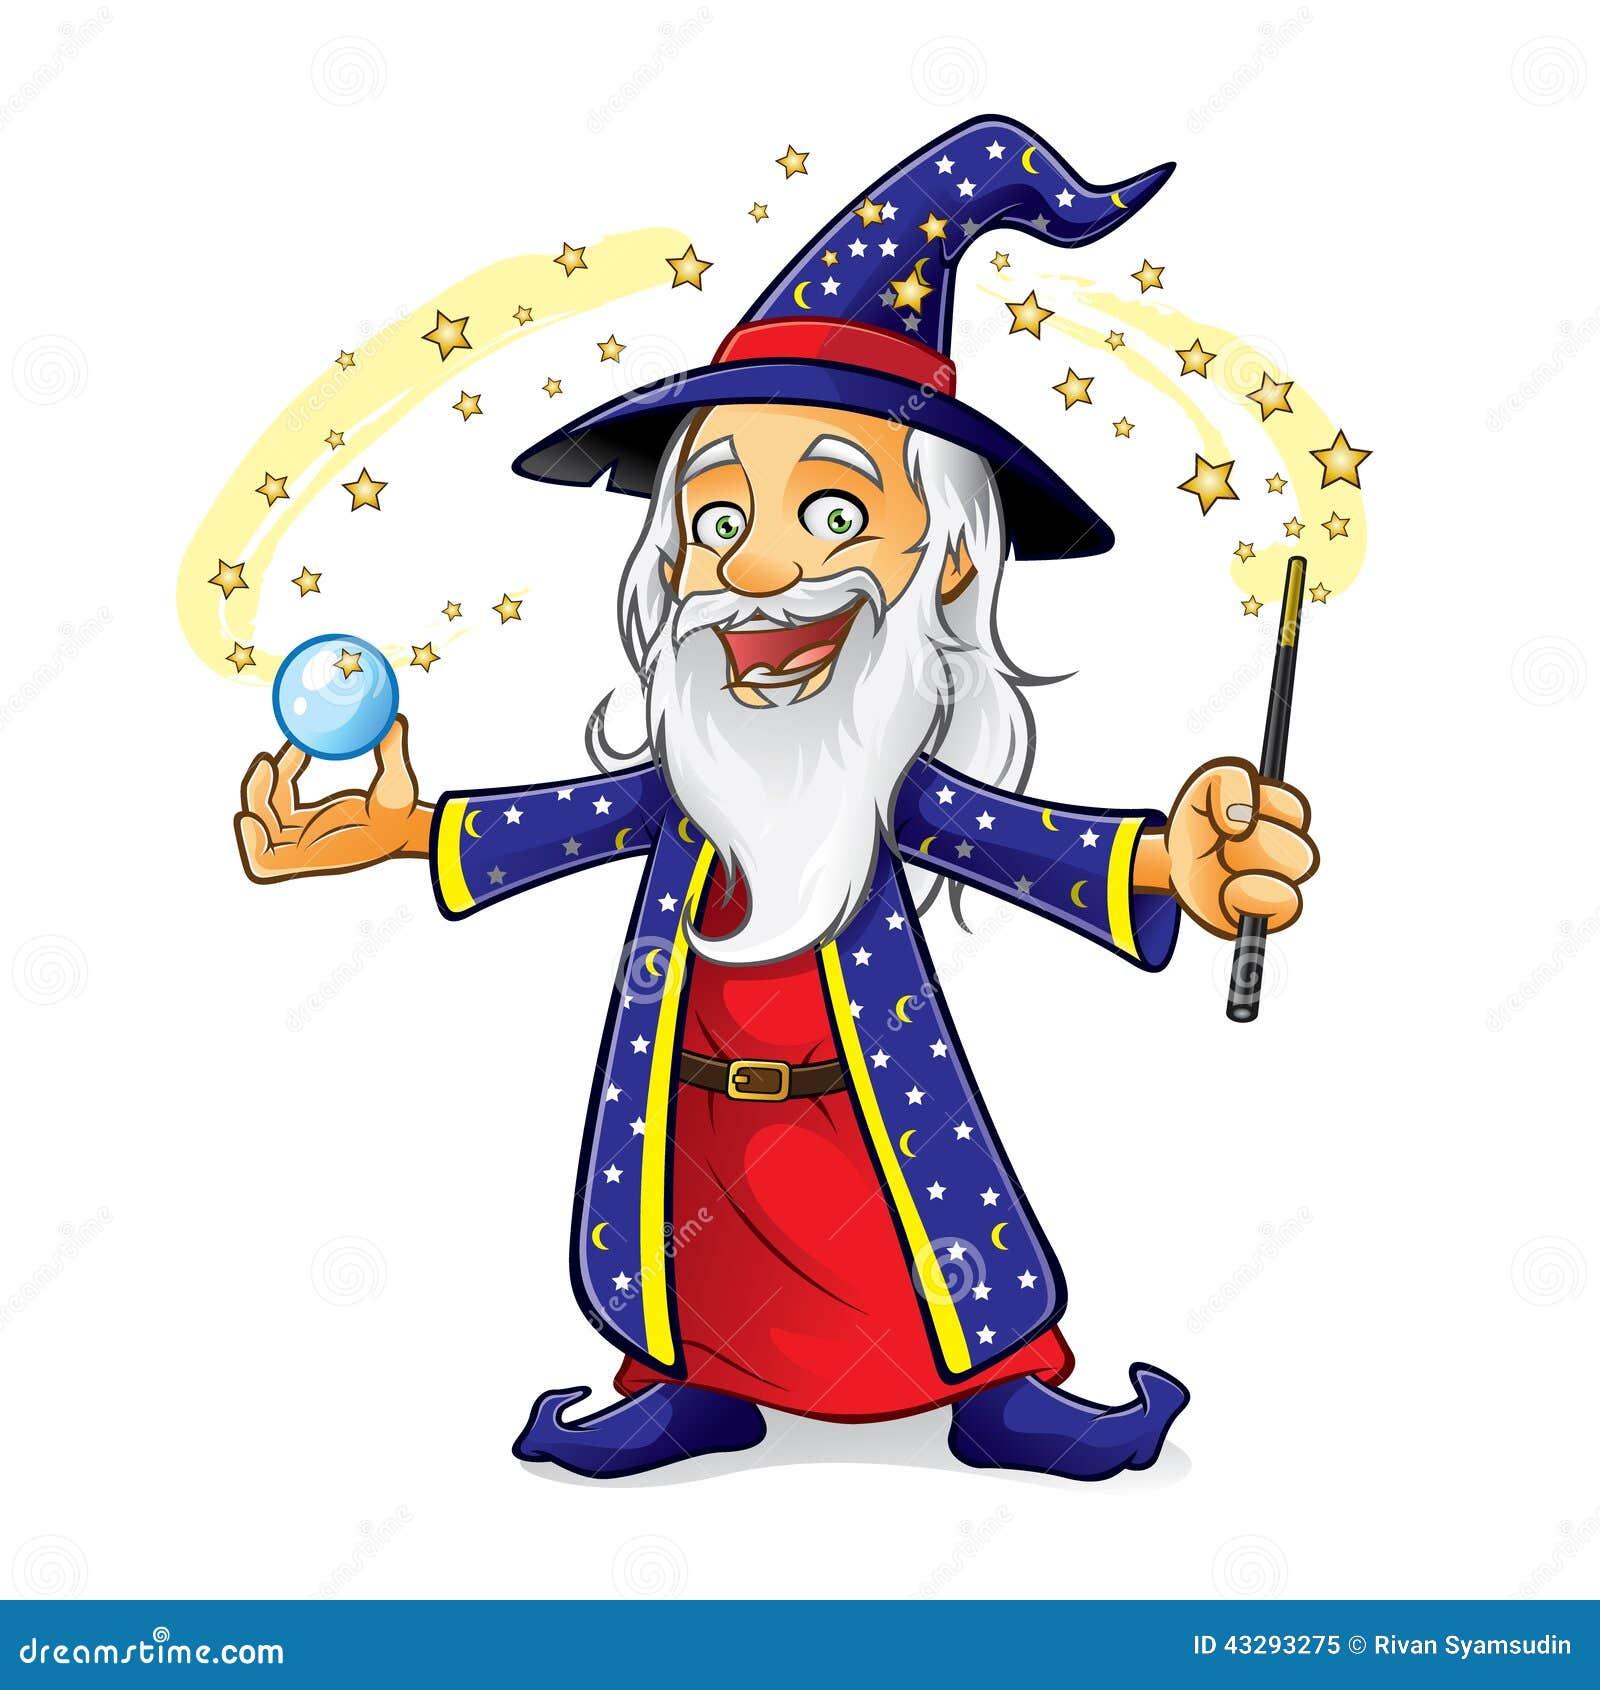 Wizard Website Design